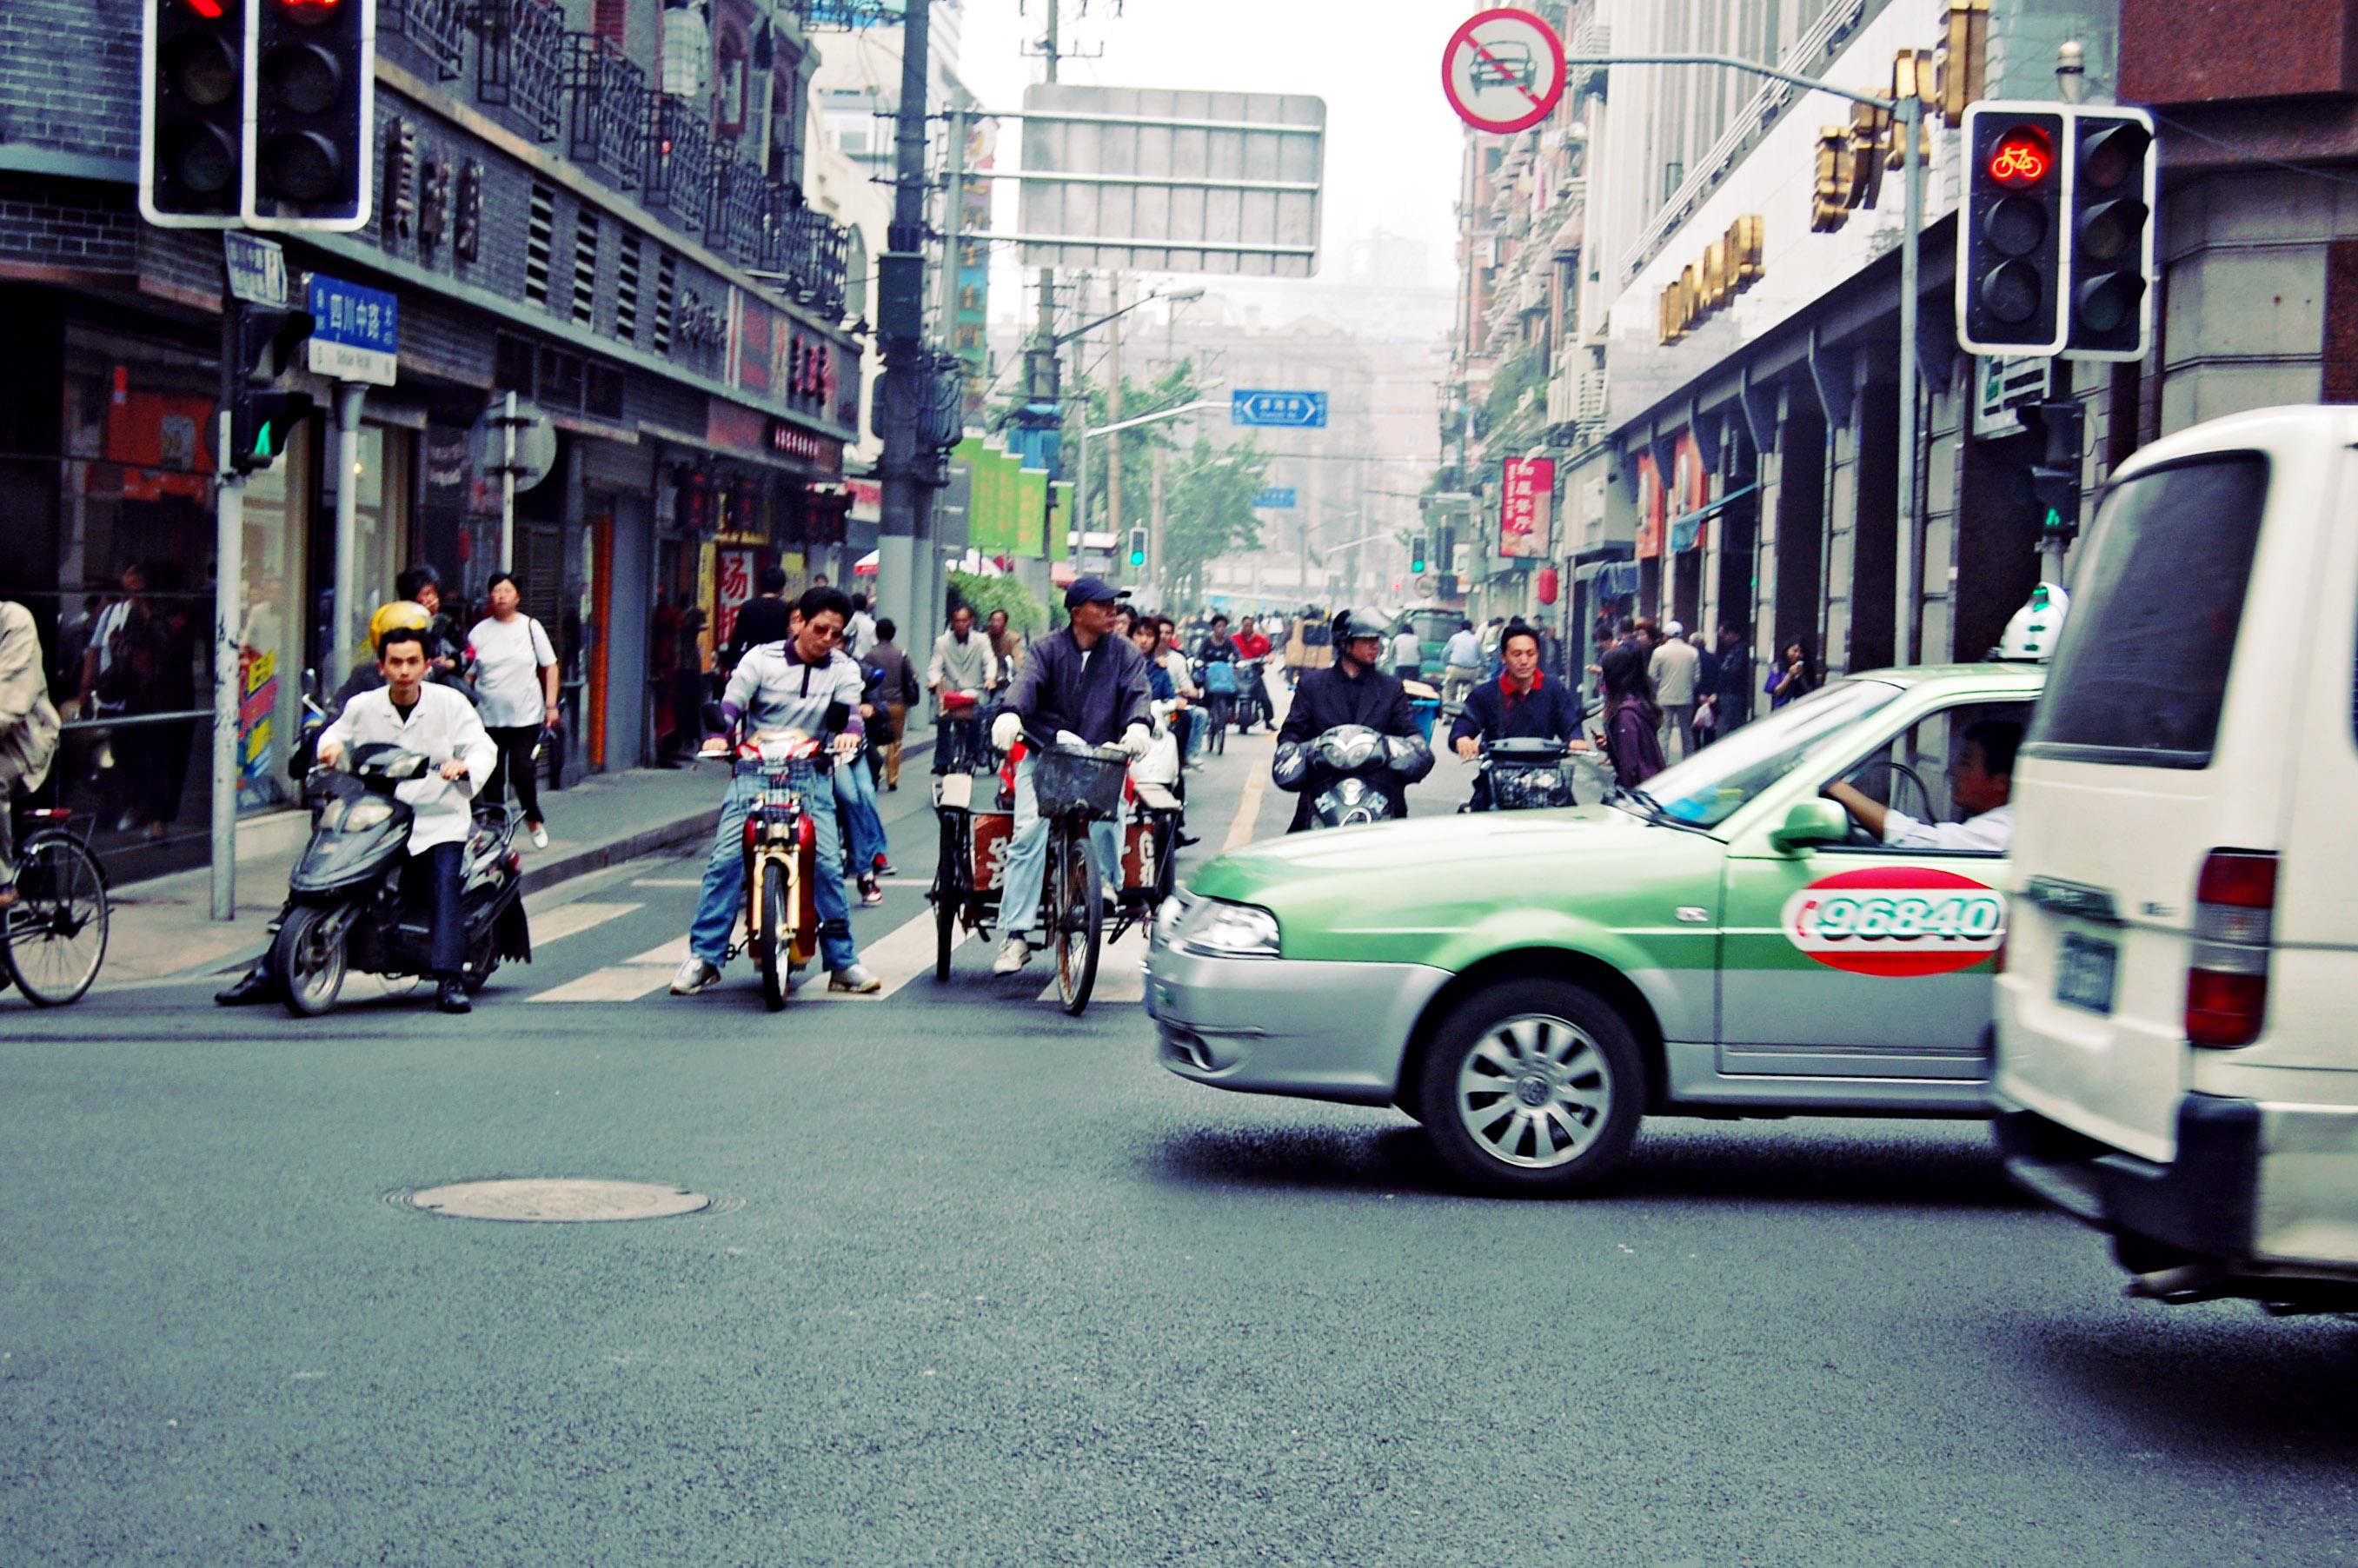 Pudong_China_street